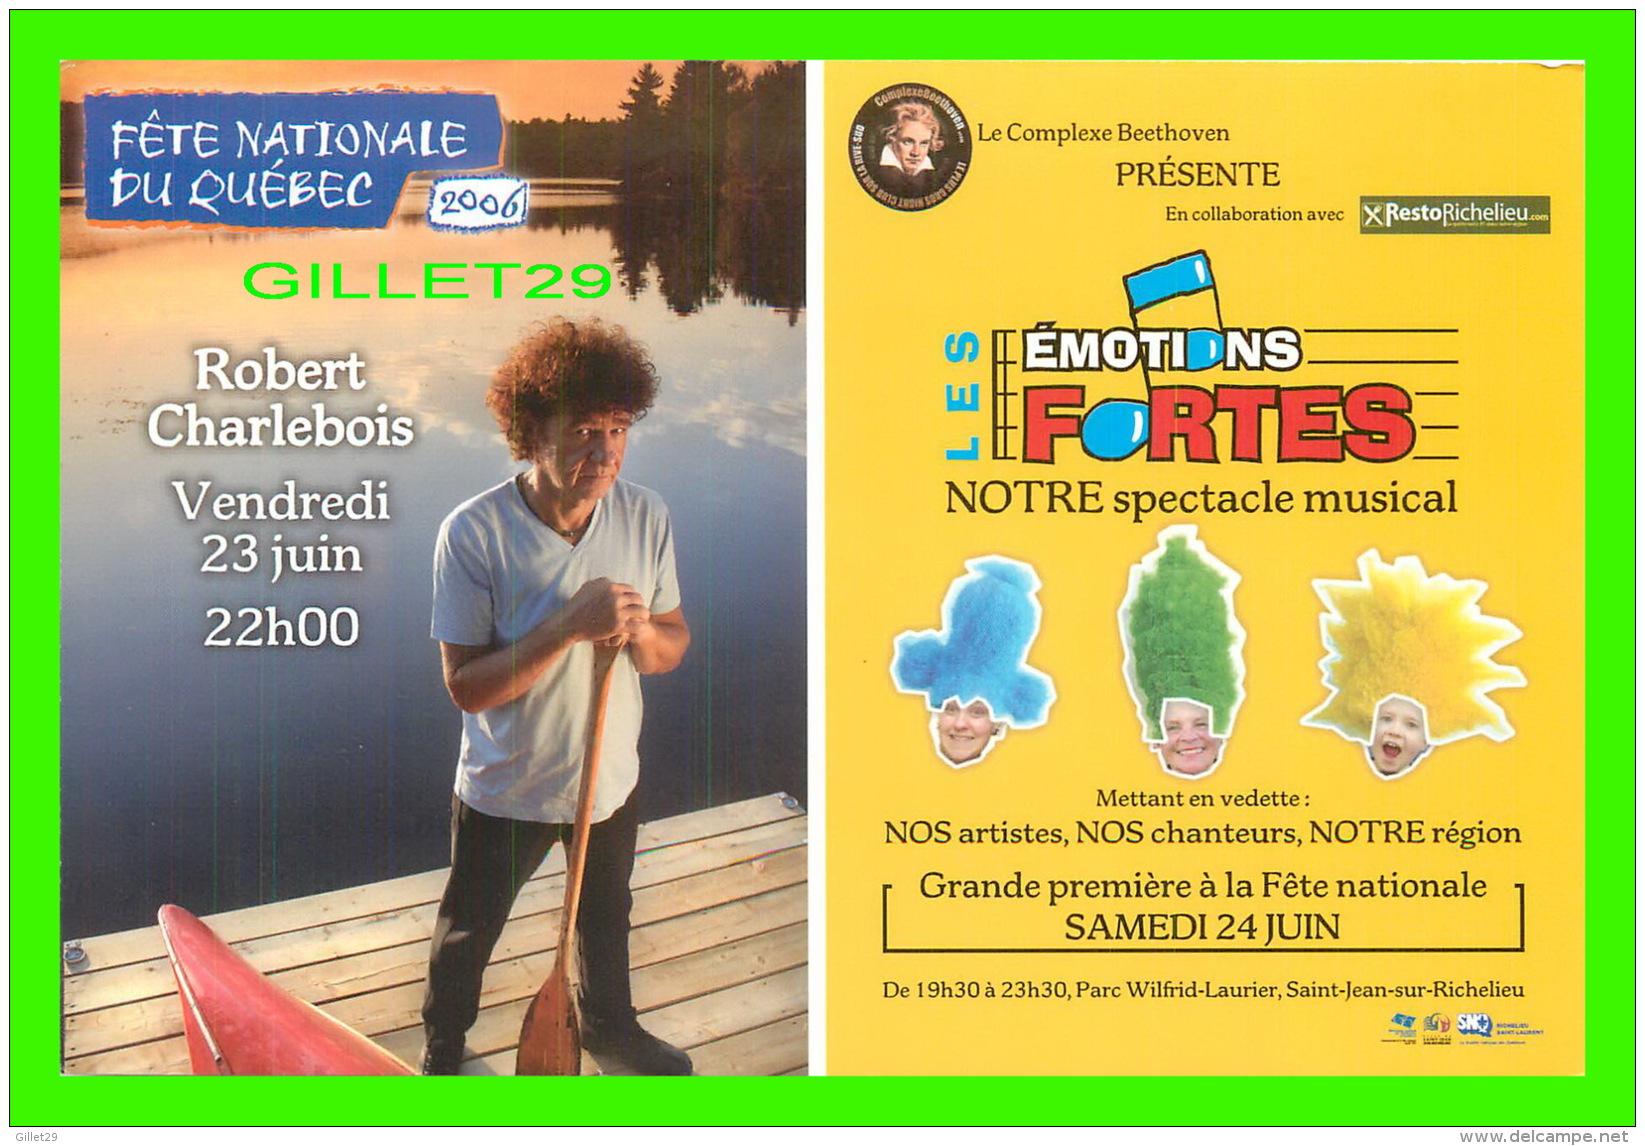 ADVERTISING - PUBLICITÉ - FÊTE NATIONALE DU QUÉBEC 2006 - ROBERT CHARLEBOIS - - Publicité